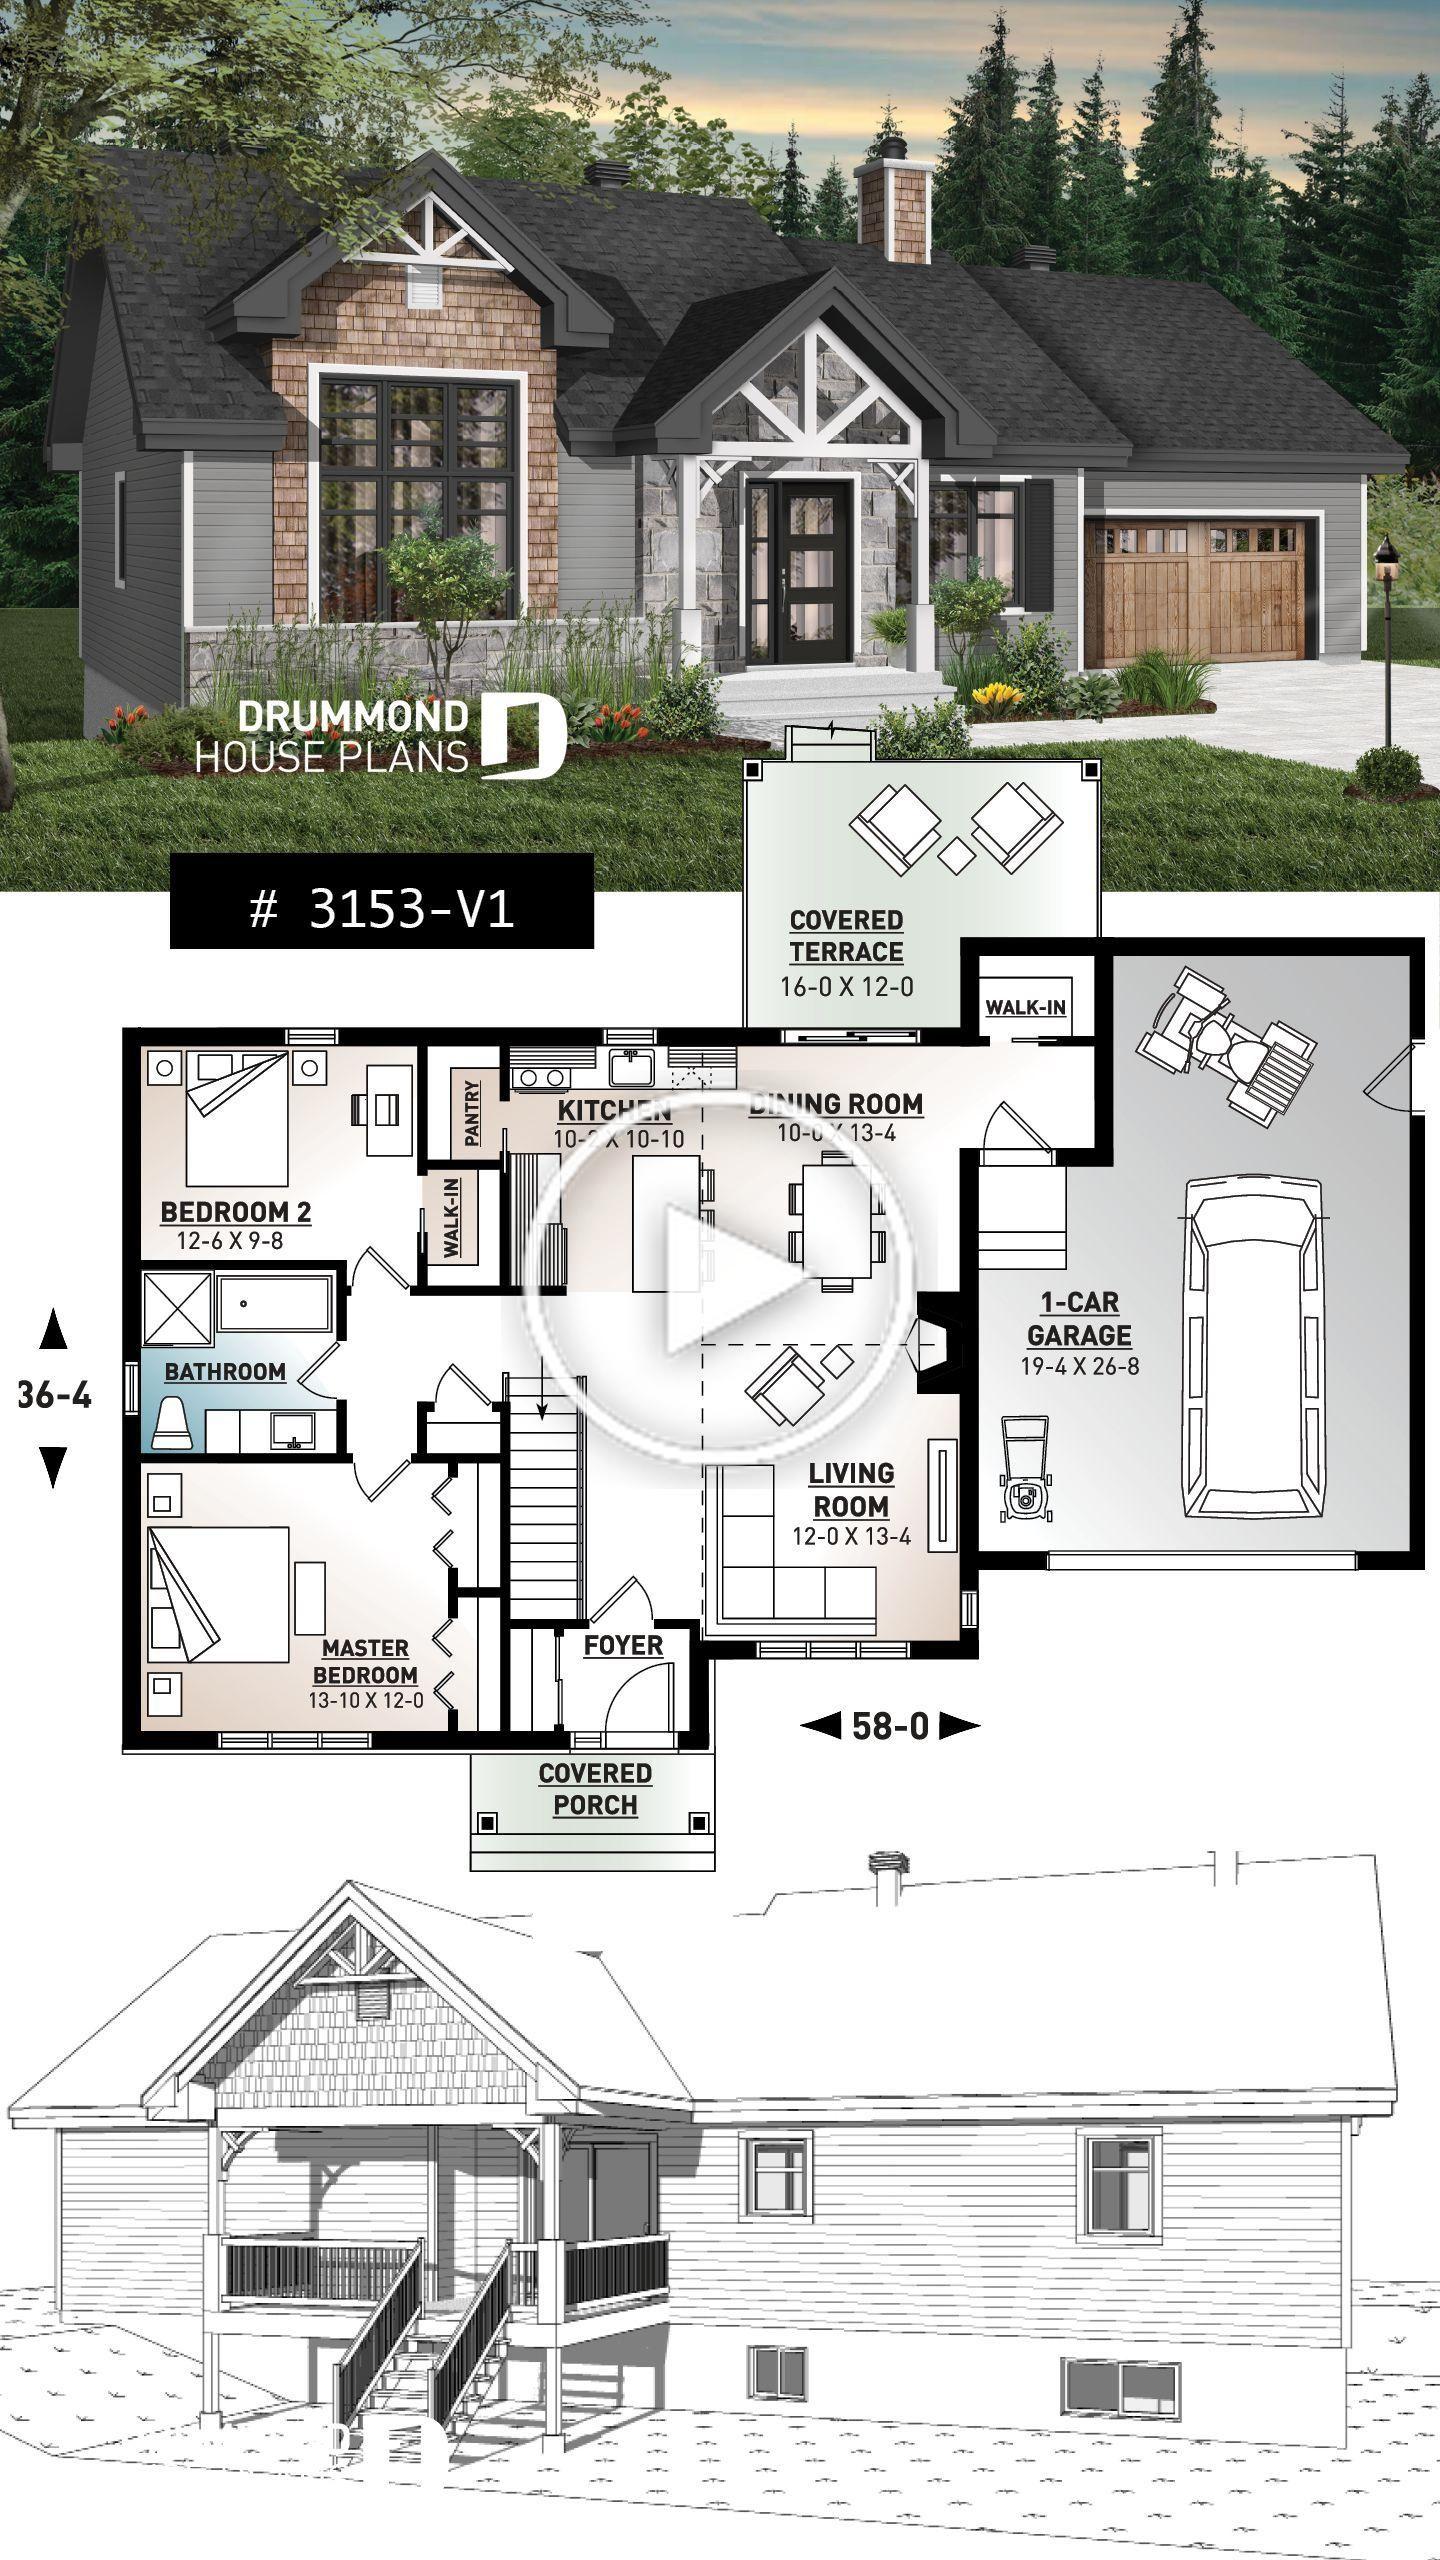 Plan De Maison Unifamiliale Barrington 2 No 3153 V1 Plans De Maison Bungalow Plan Maison Plain Pied Plan Maison